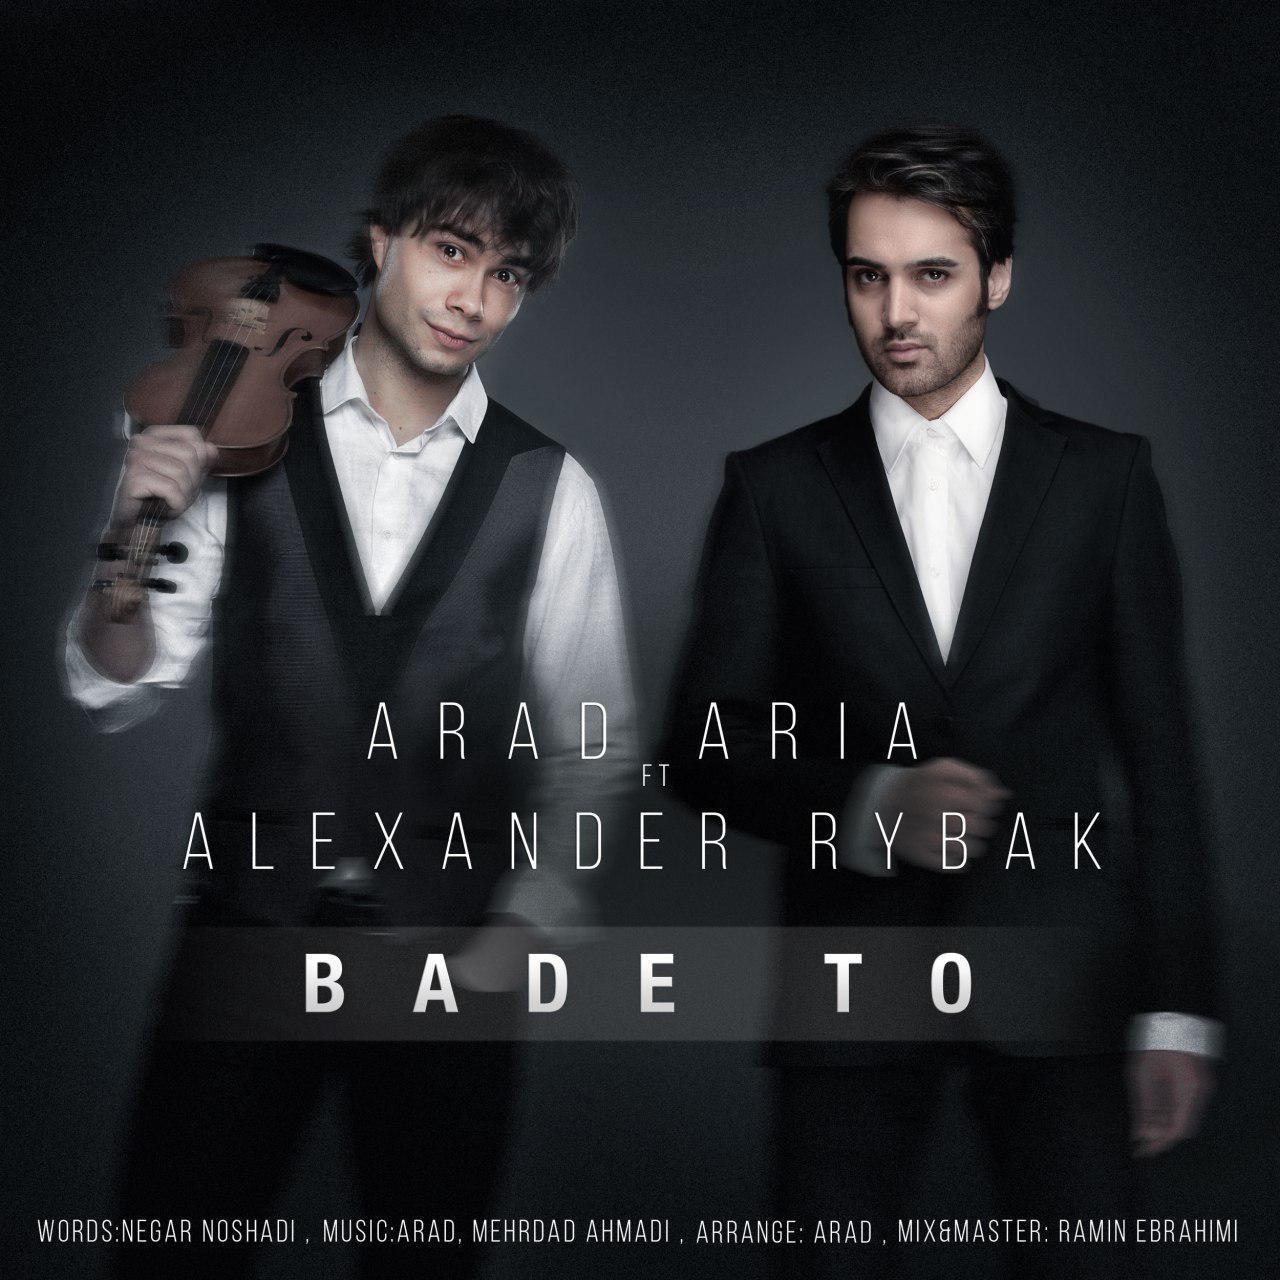 Arad Aria Ft Alexander Rybak – Bade To